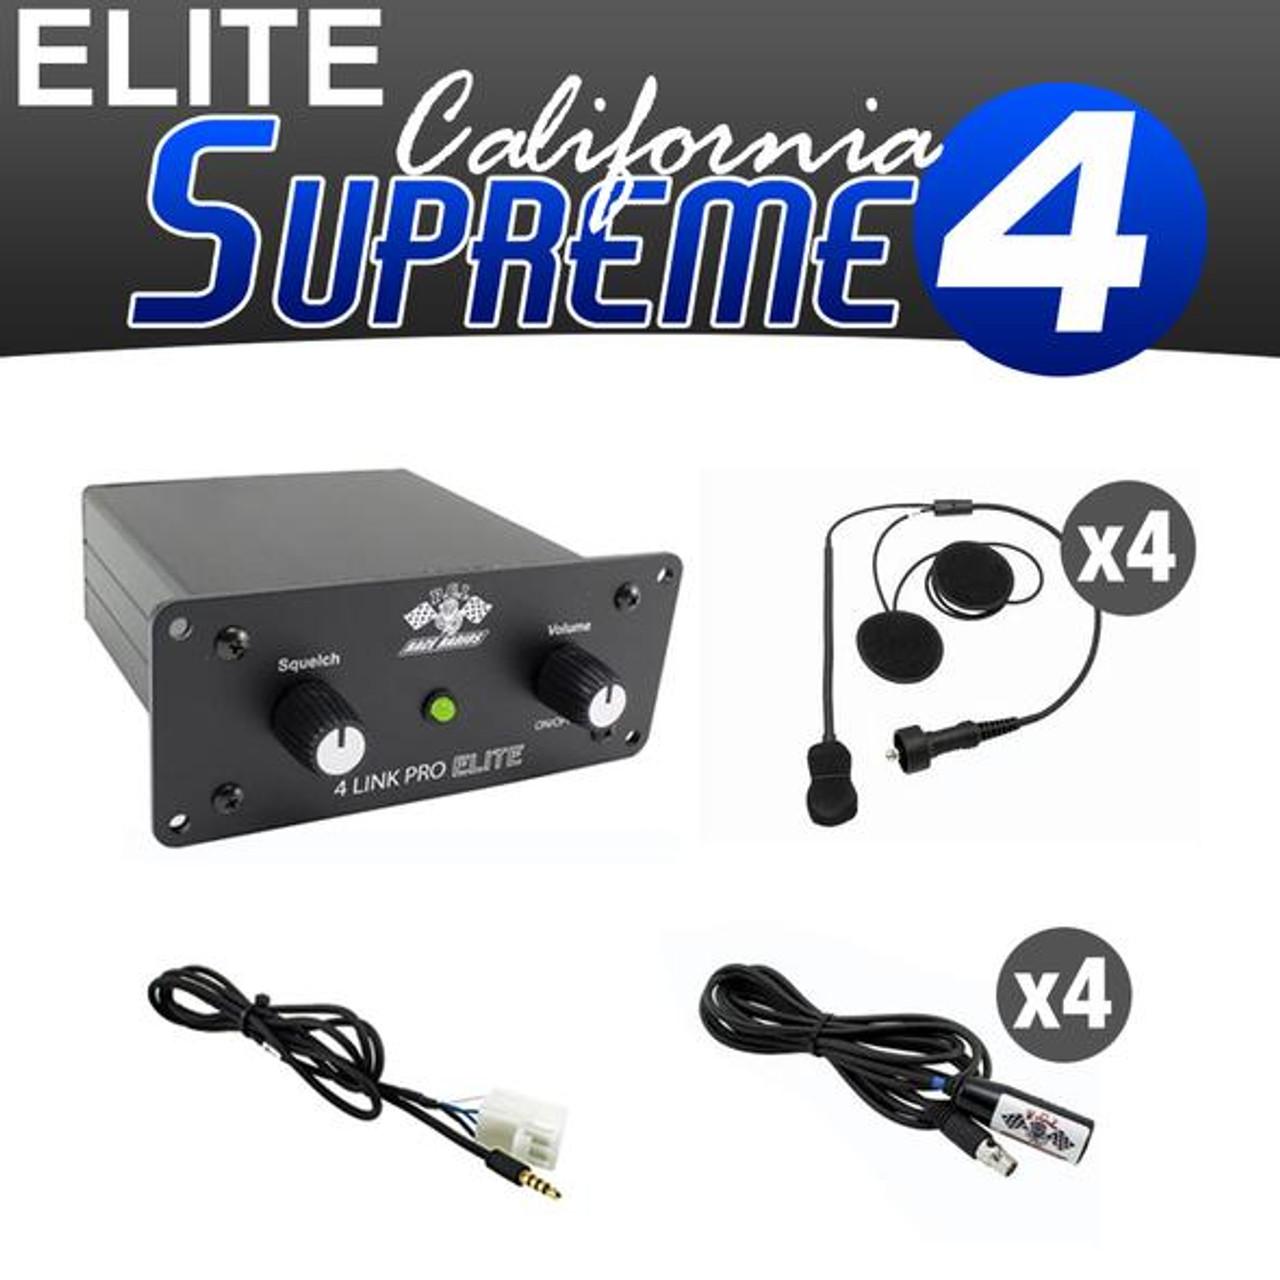 Elite California Supreme 4